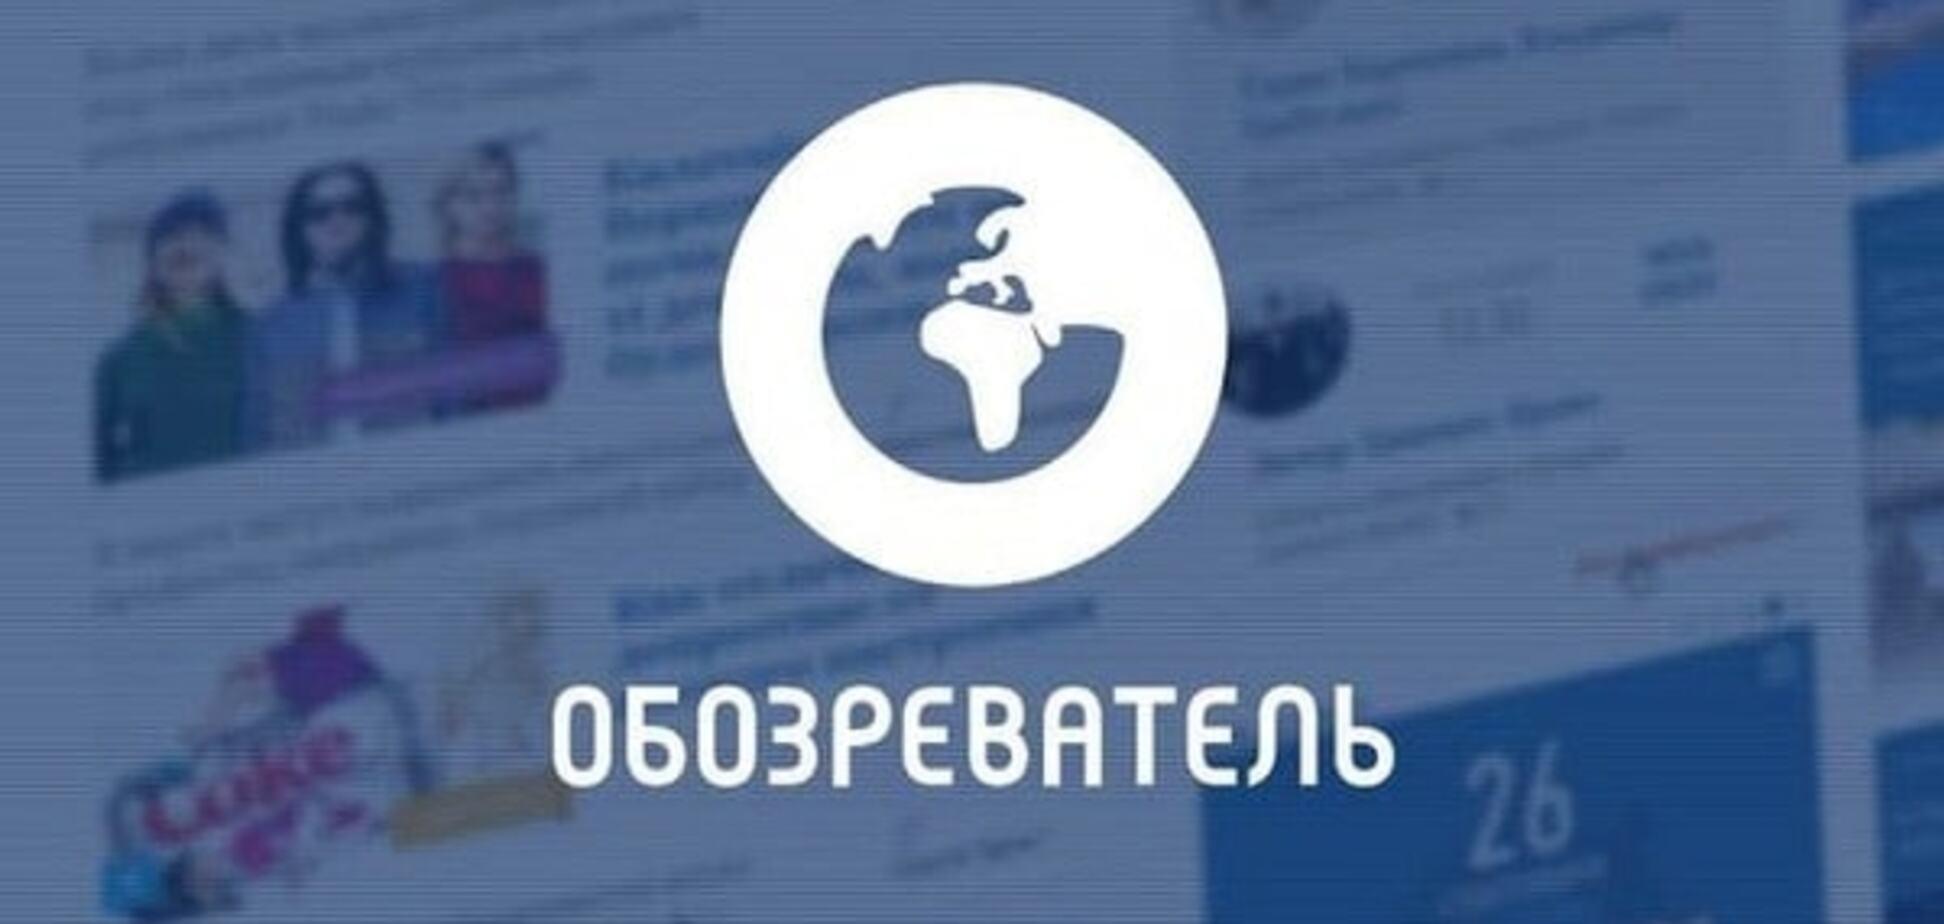 Солодощі vs металобрухт: кілька слів про переговори по ЗВТ між Україною і Туречччиною